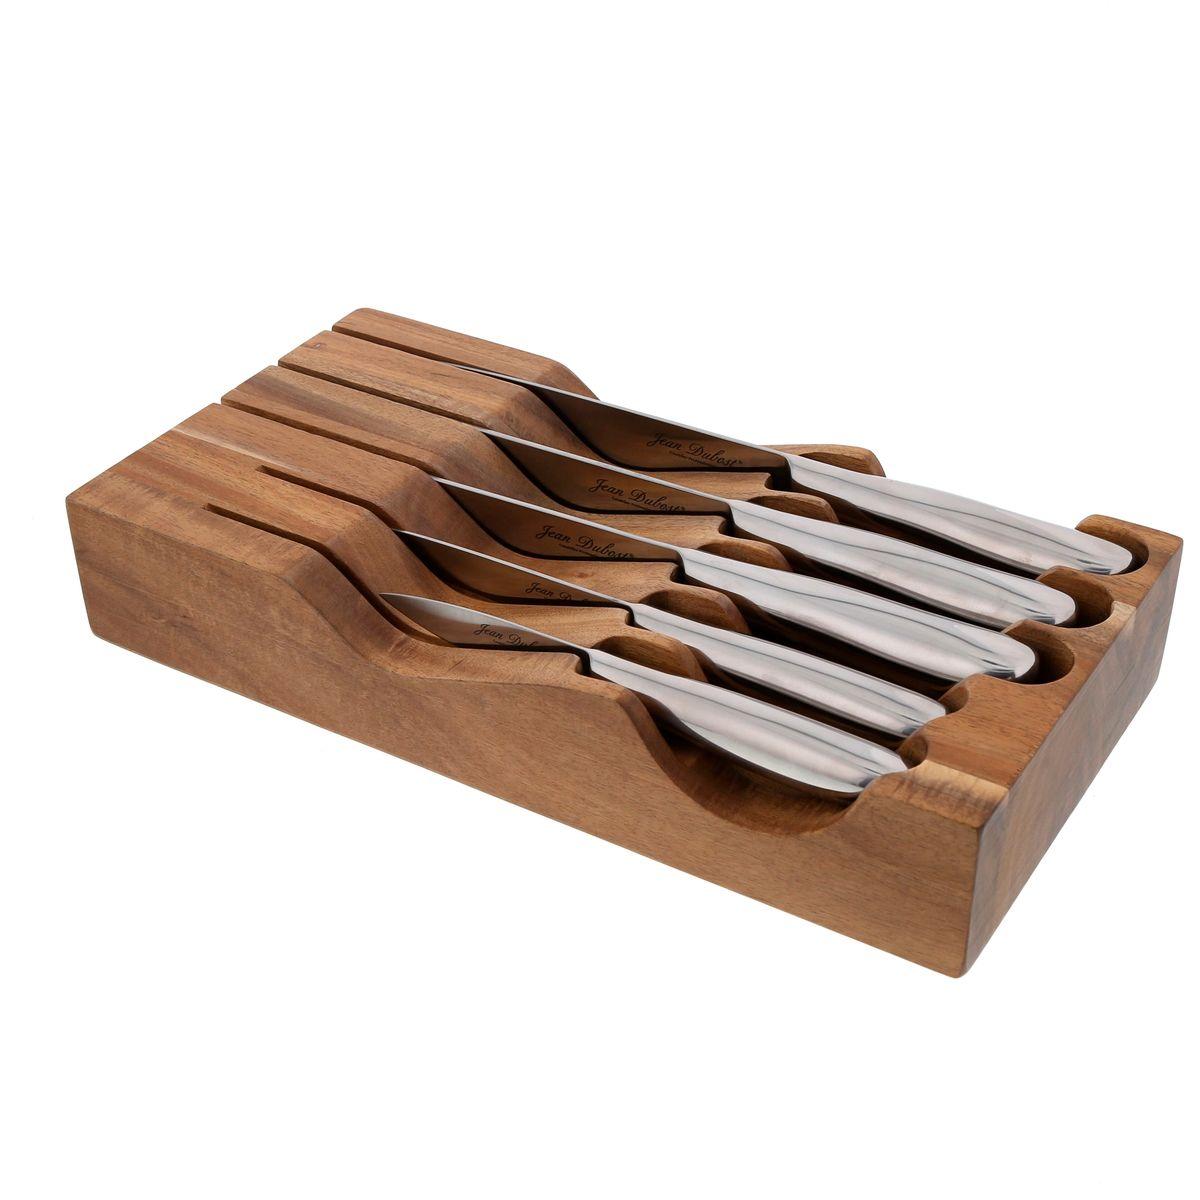 Bloc universel aimanté de rangement en acacia avec 5 couteaux - Jean Dubost